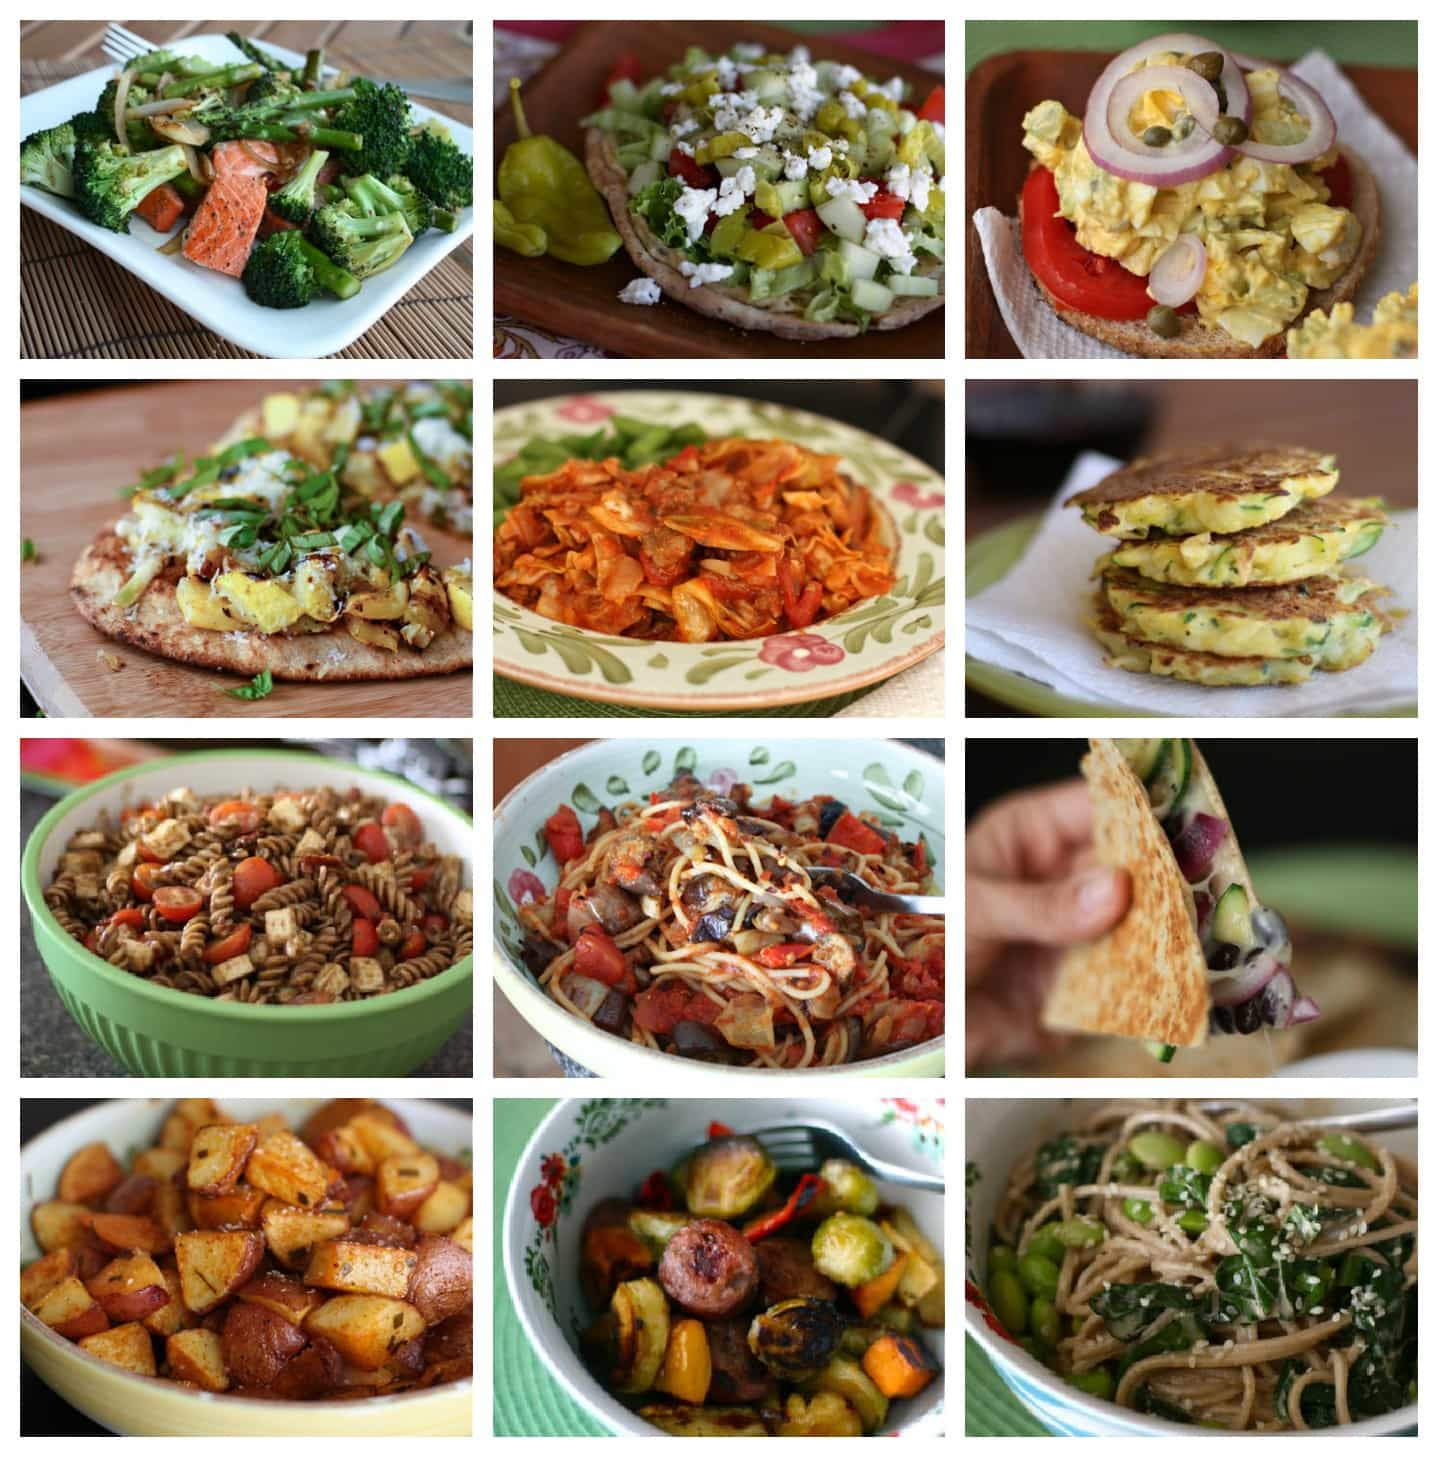 My Favorite Food 2012